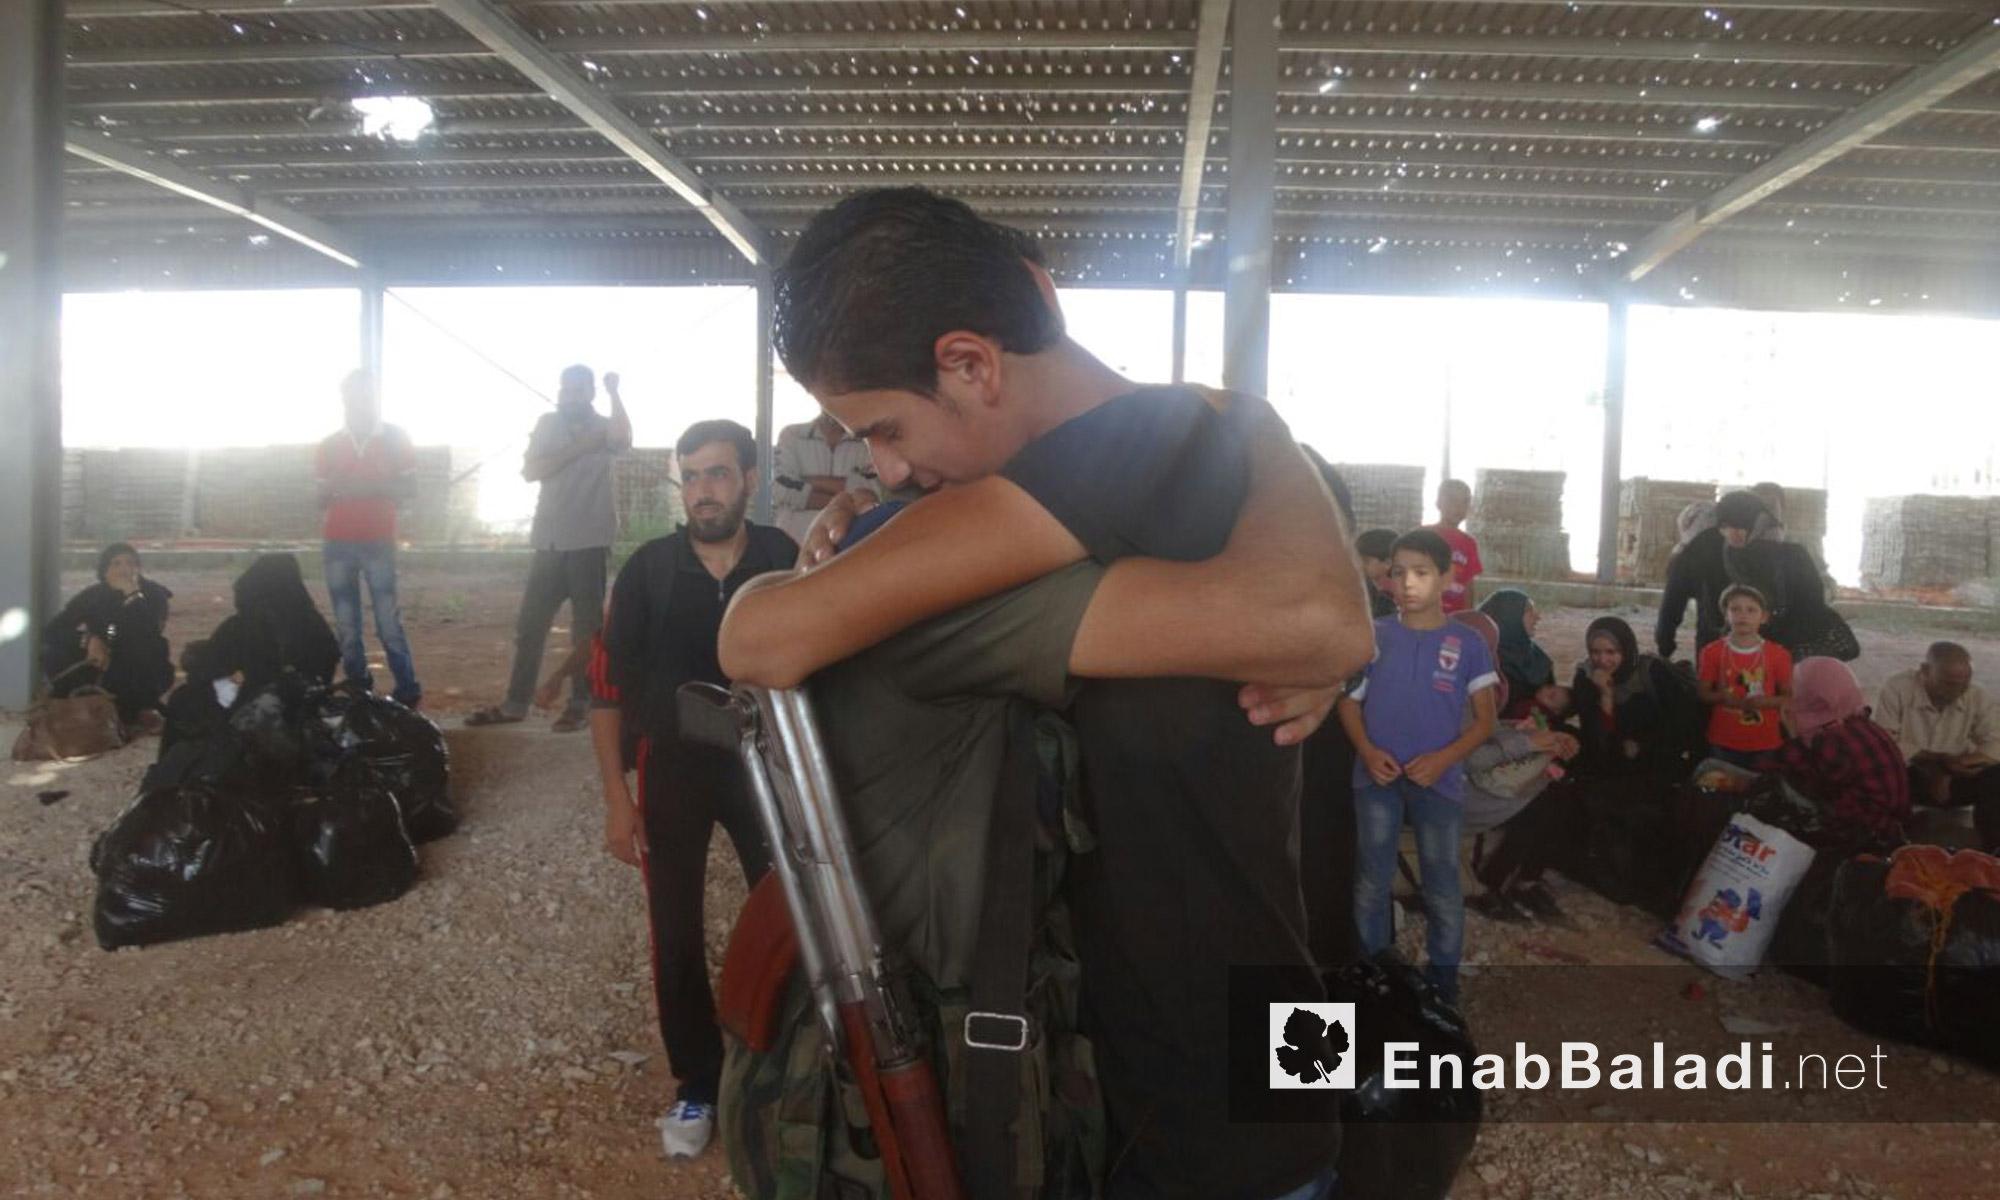 مقاتلو الوعر يودعون أهالي الحي قبل الخروج إلى ريف حمص الشمالي - الخميس 23 أيلول (عنب بلدي)